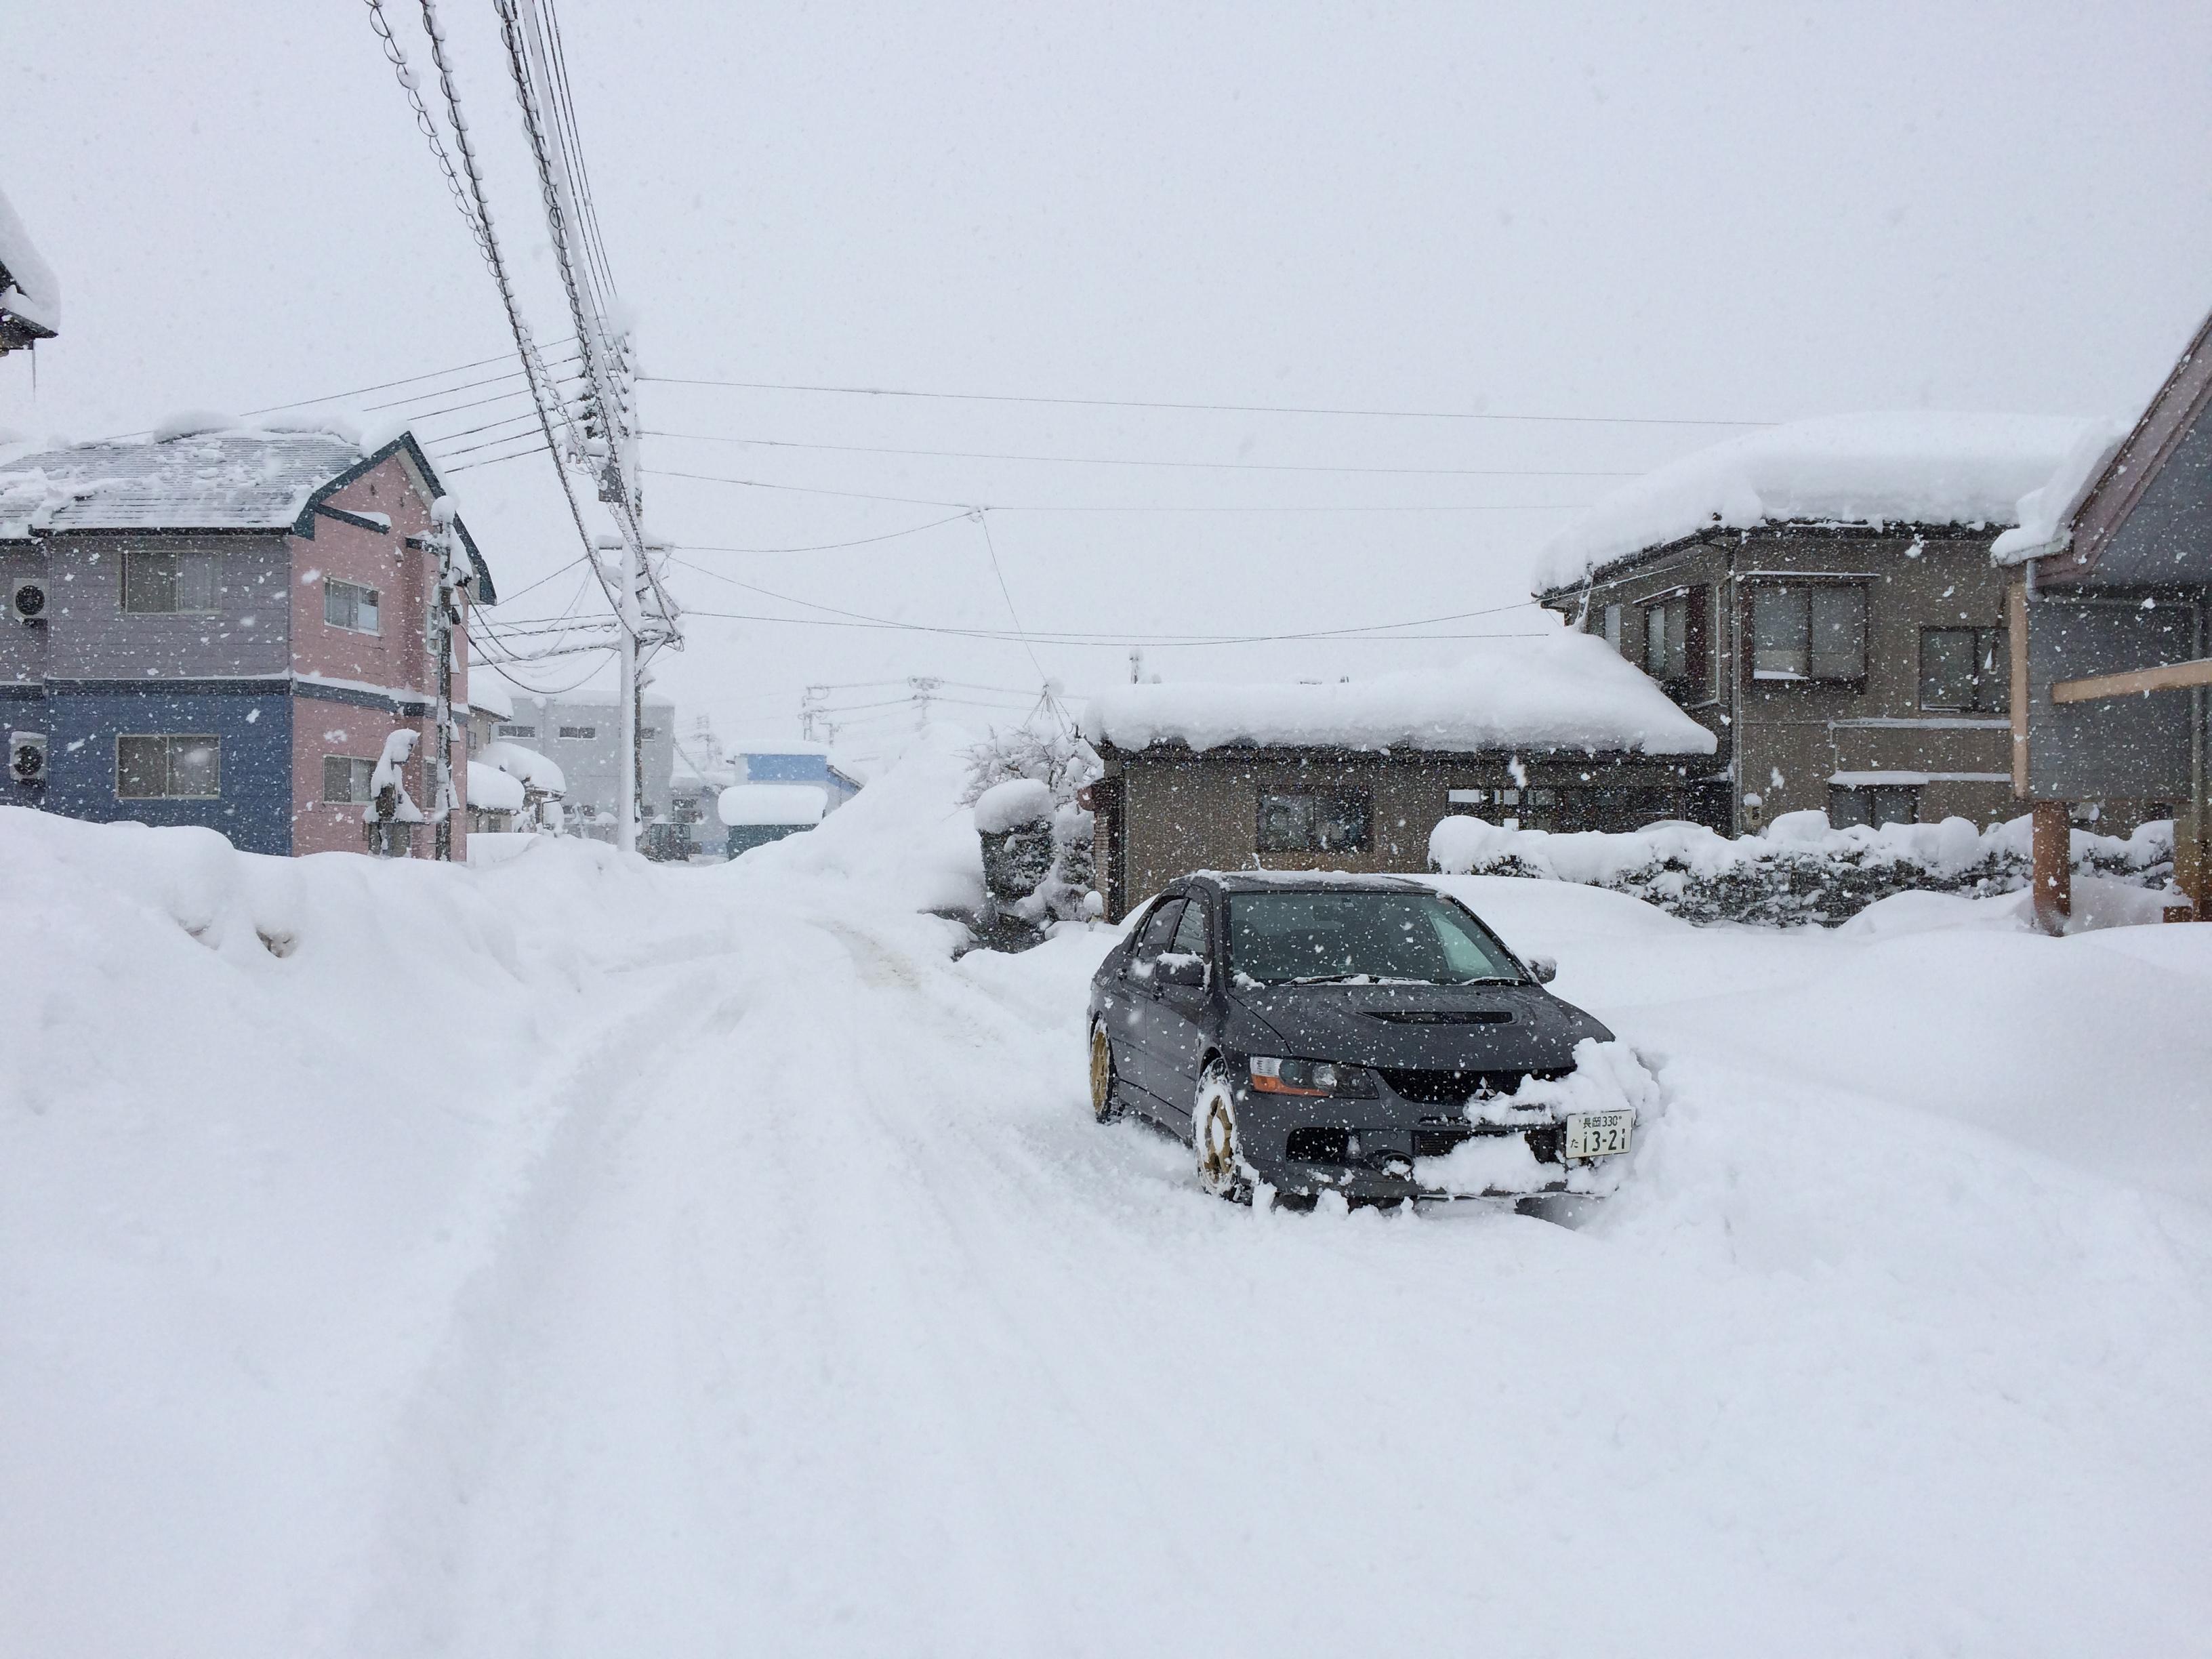 豪雪の朝。全員総出で雪かき。長岡市美沢4丁目。86